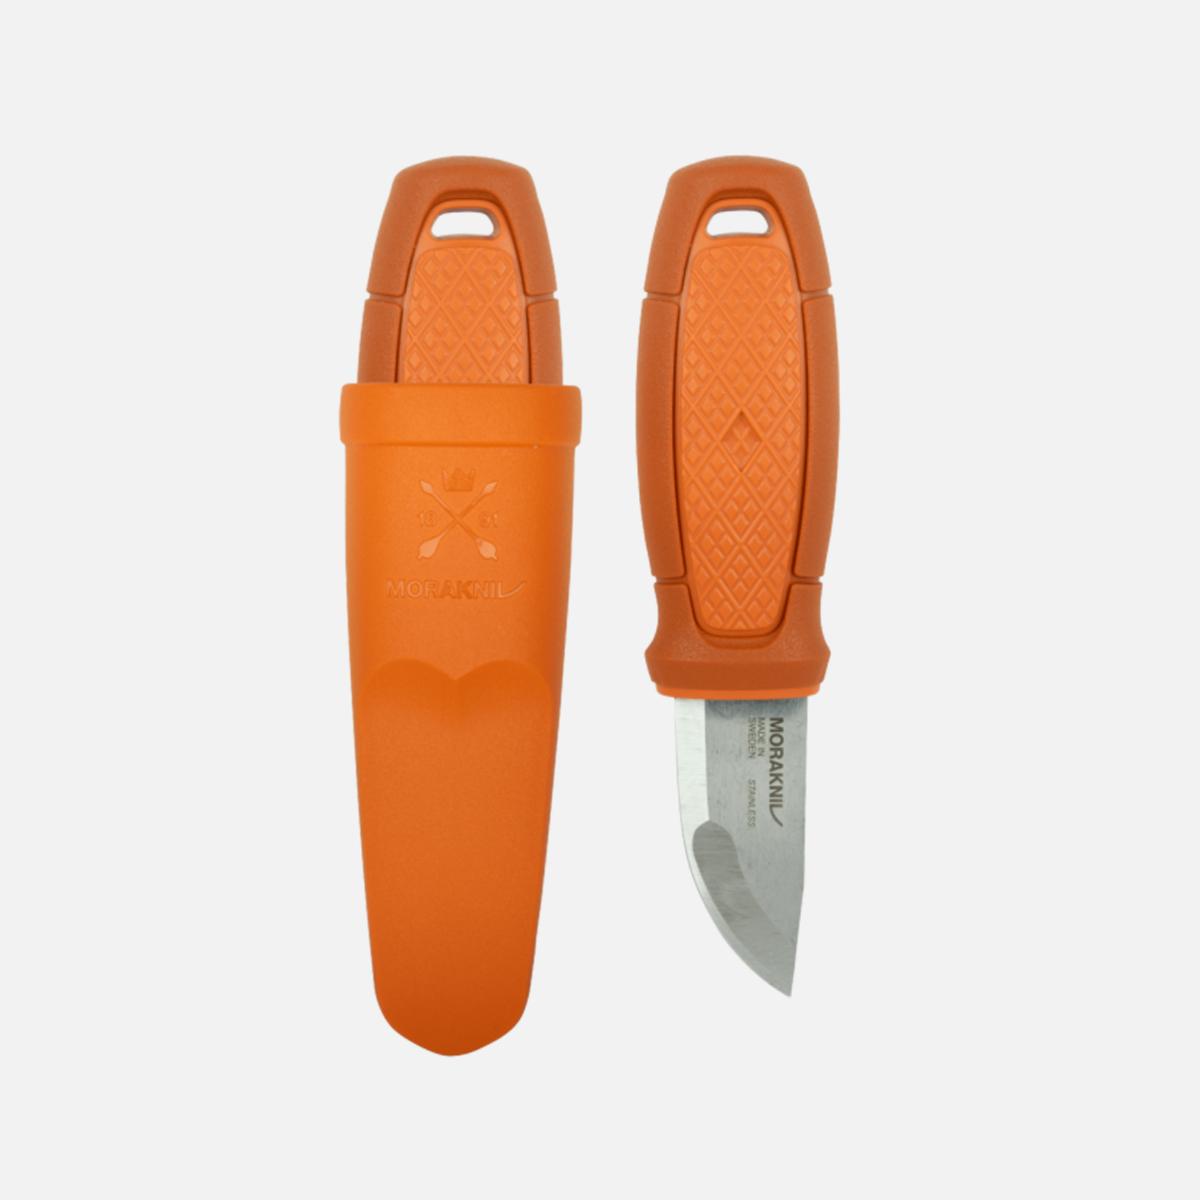 Den perfekta friluftskniven från Morakniv